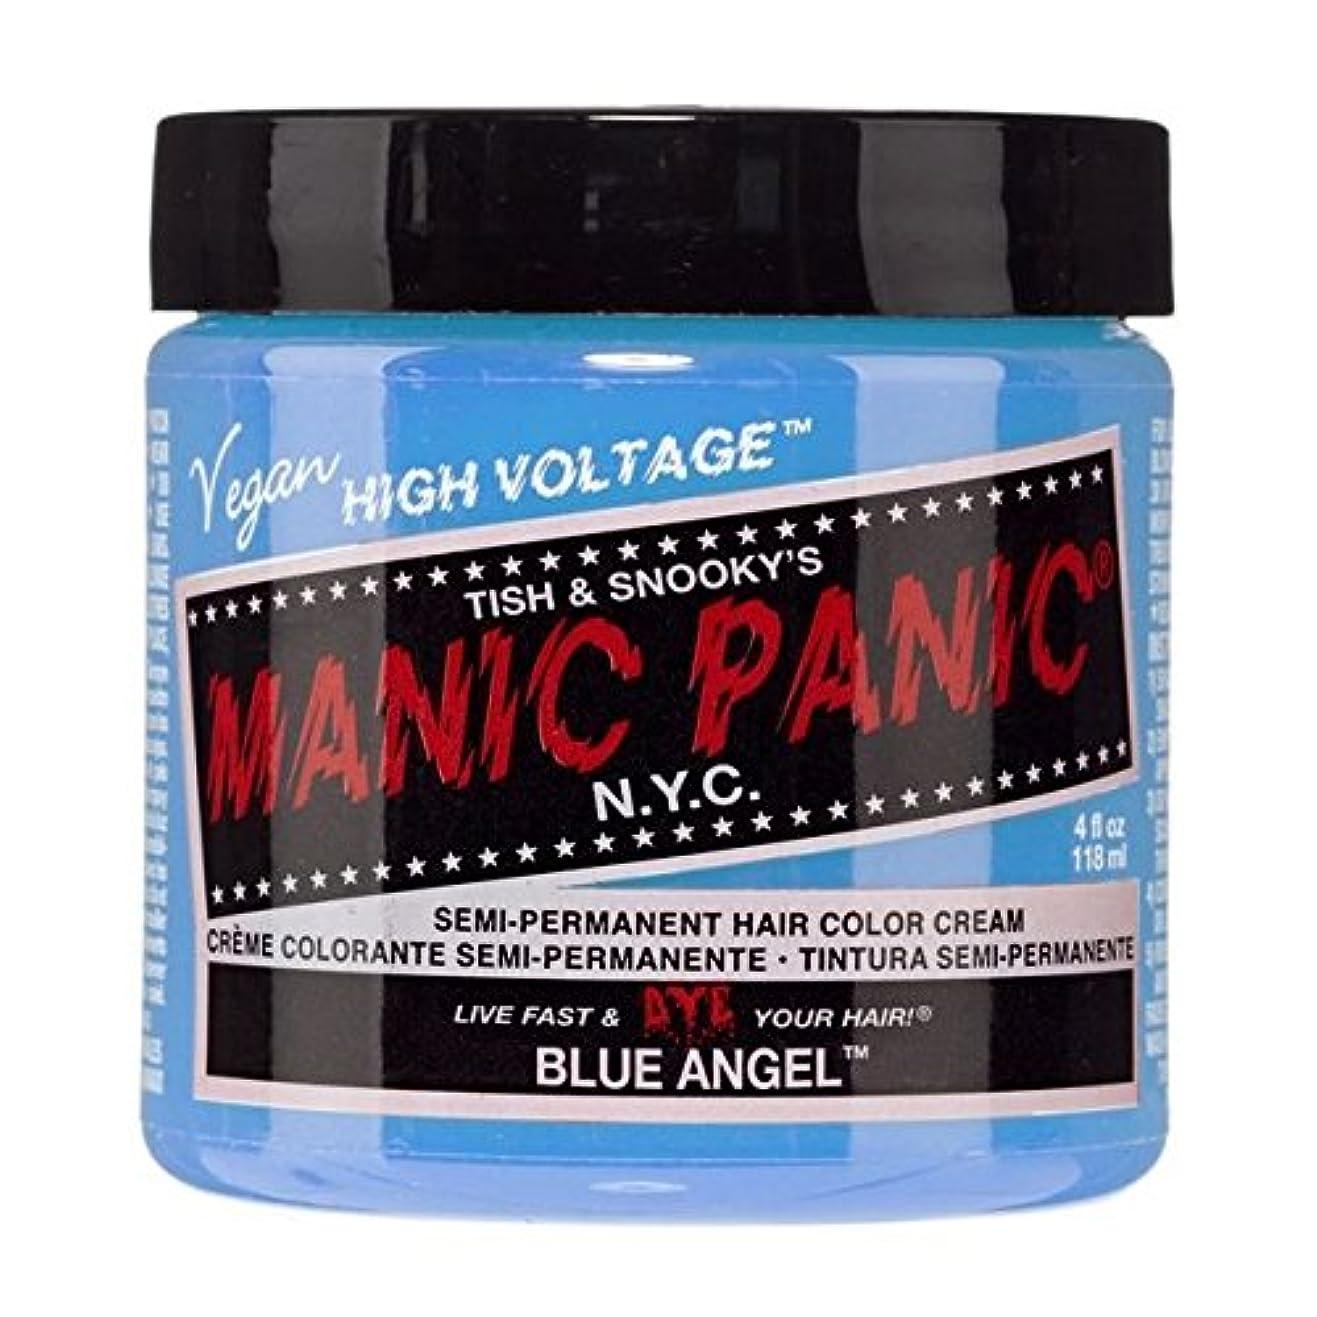 安定こどもの宮殿夏スペシャルセットMANIC PANICマニックパニック:BLUE ANGEL (ブルーエンジェル)+ヘアカラーケア4点セット